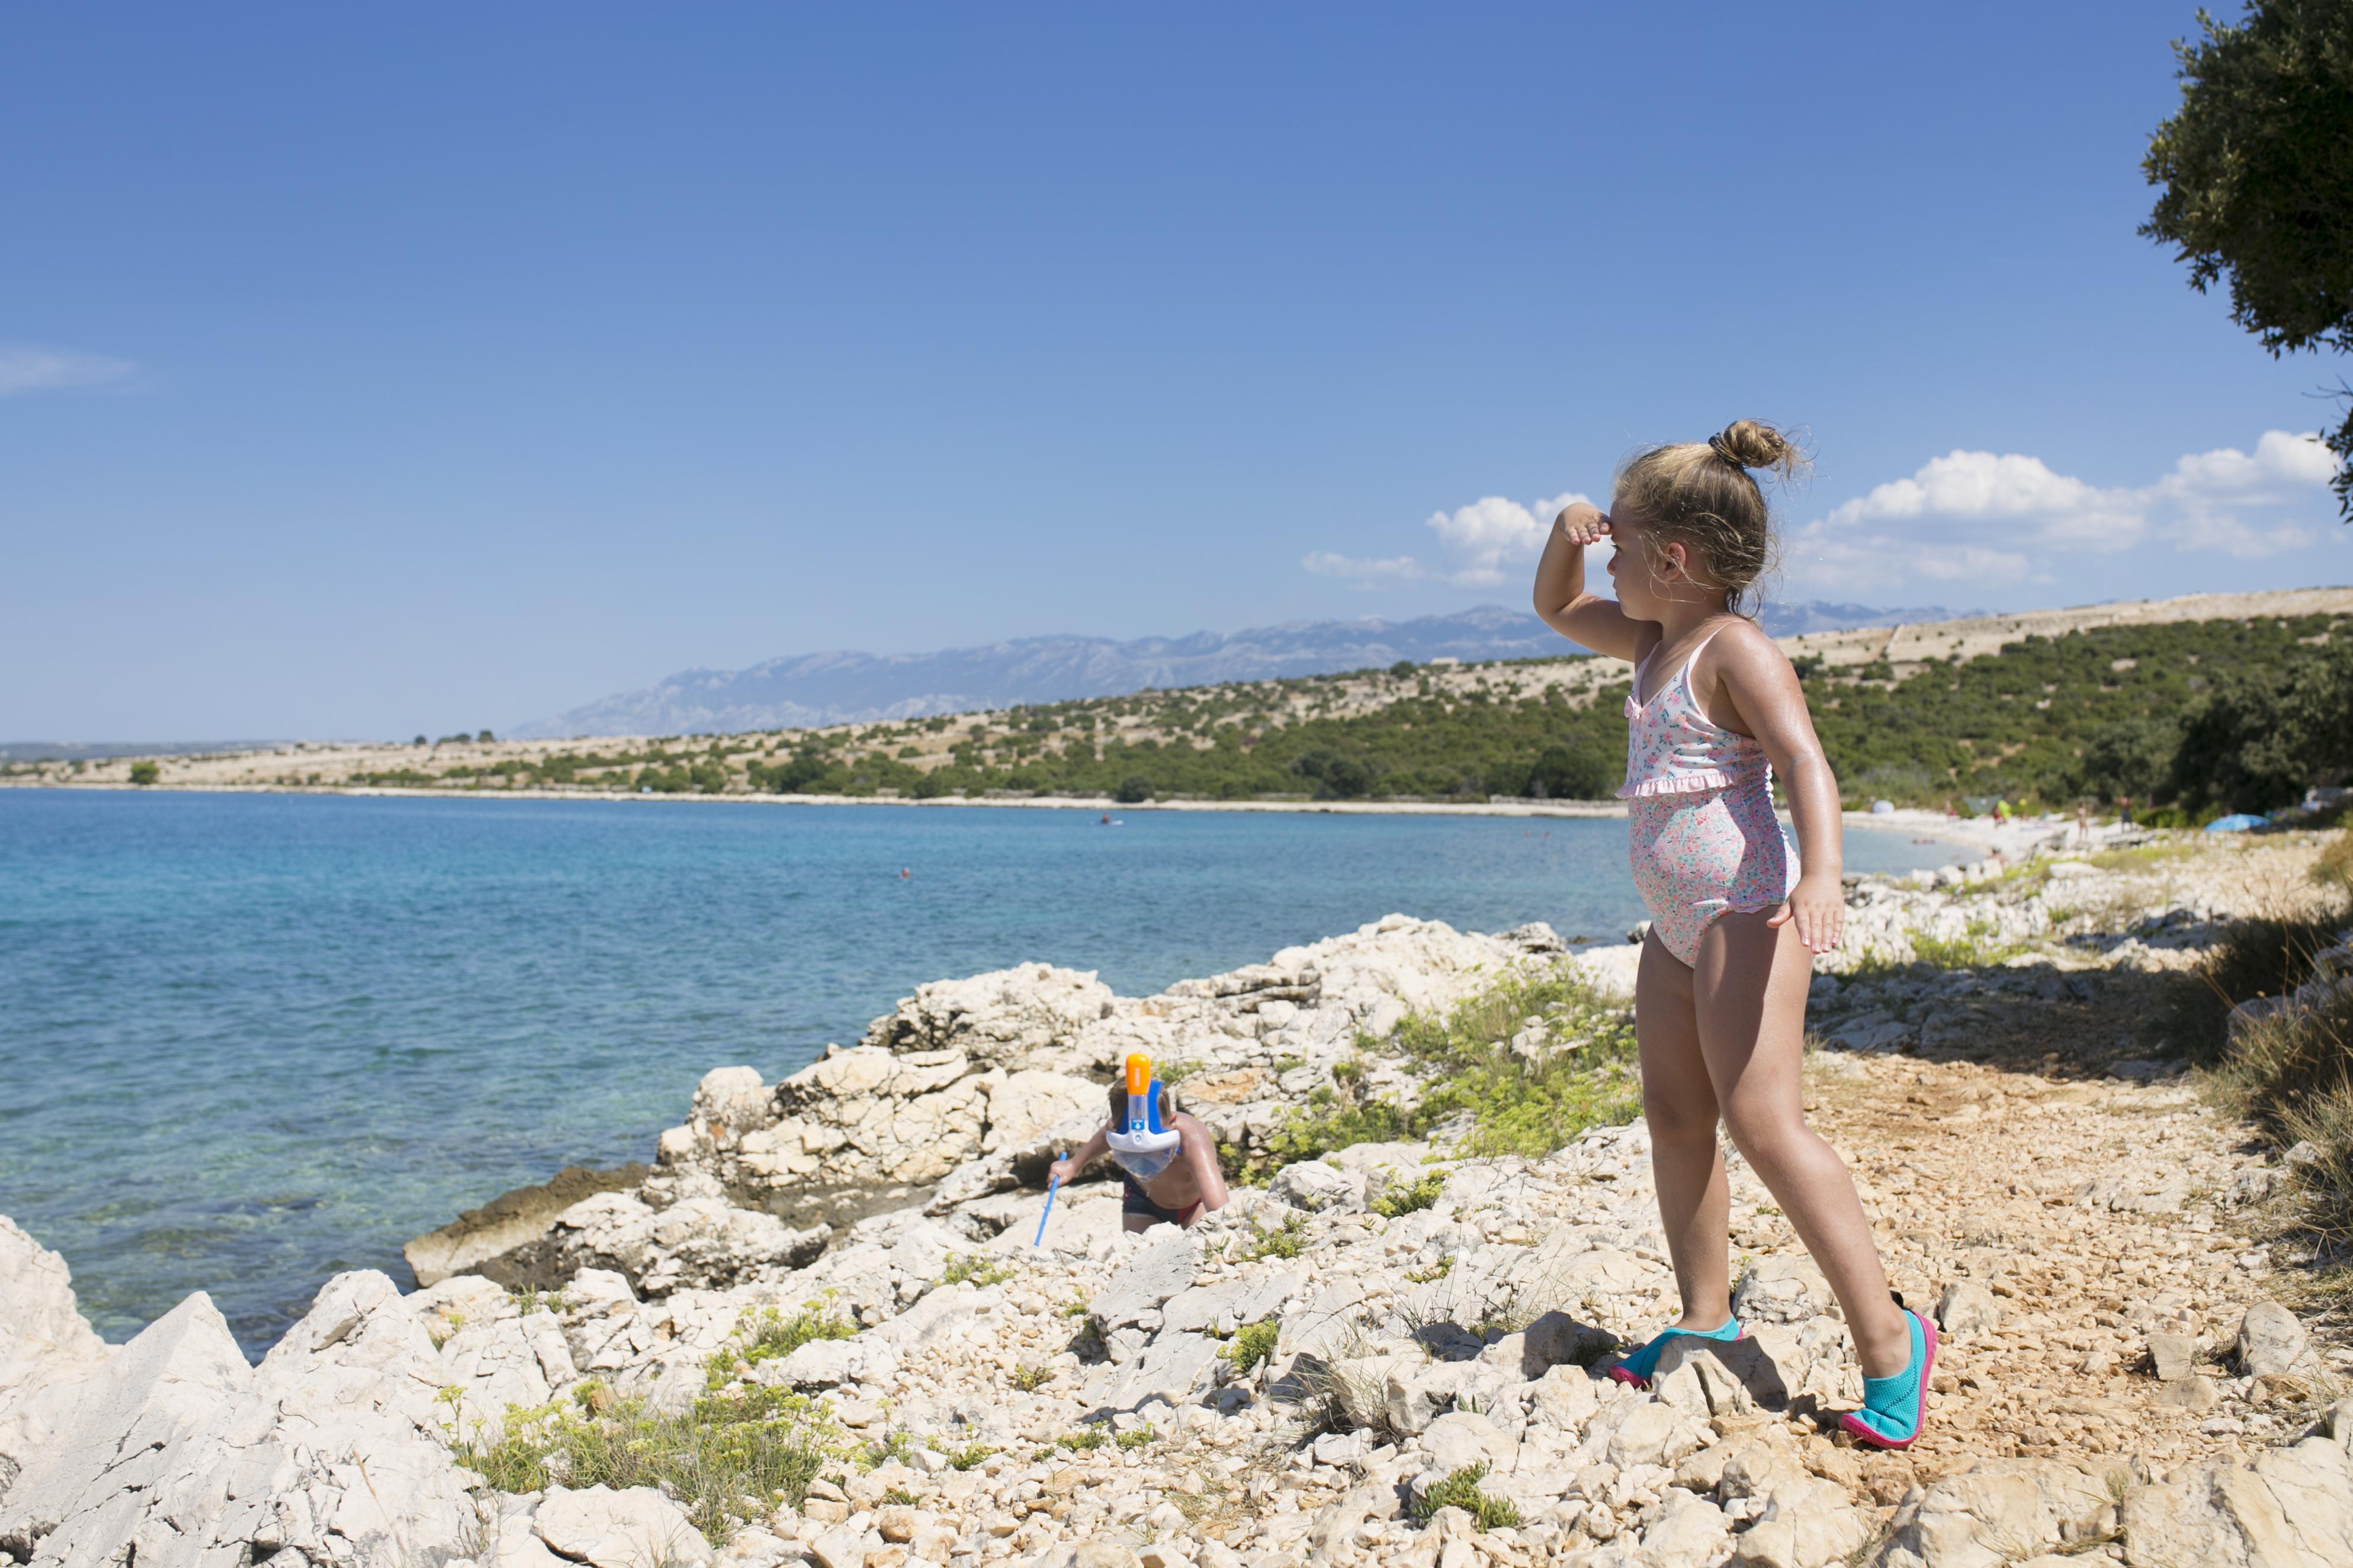 Gierenica plaża, Gierenica, plaże pag, najpiękniejsza plaża Pag